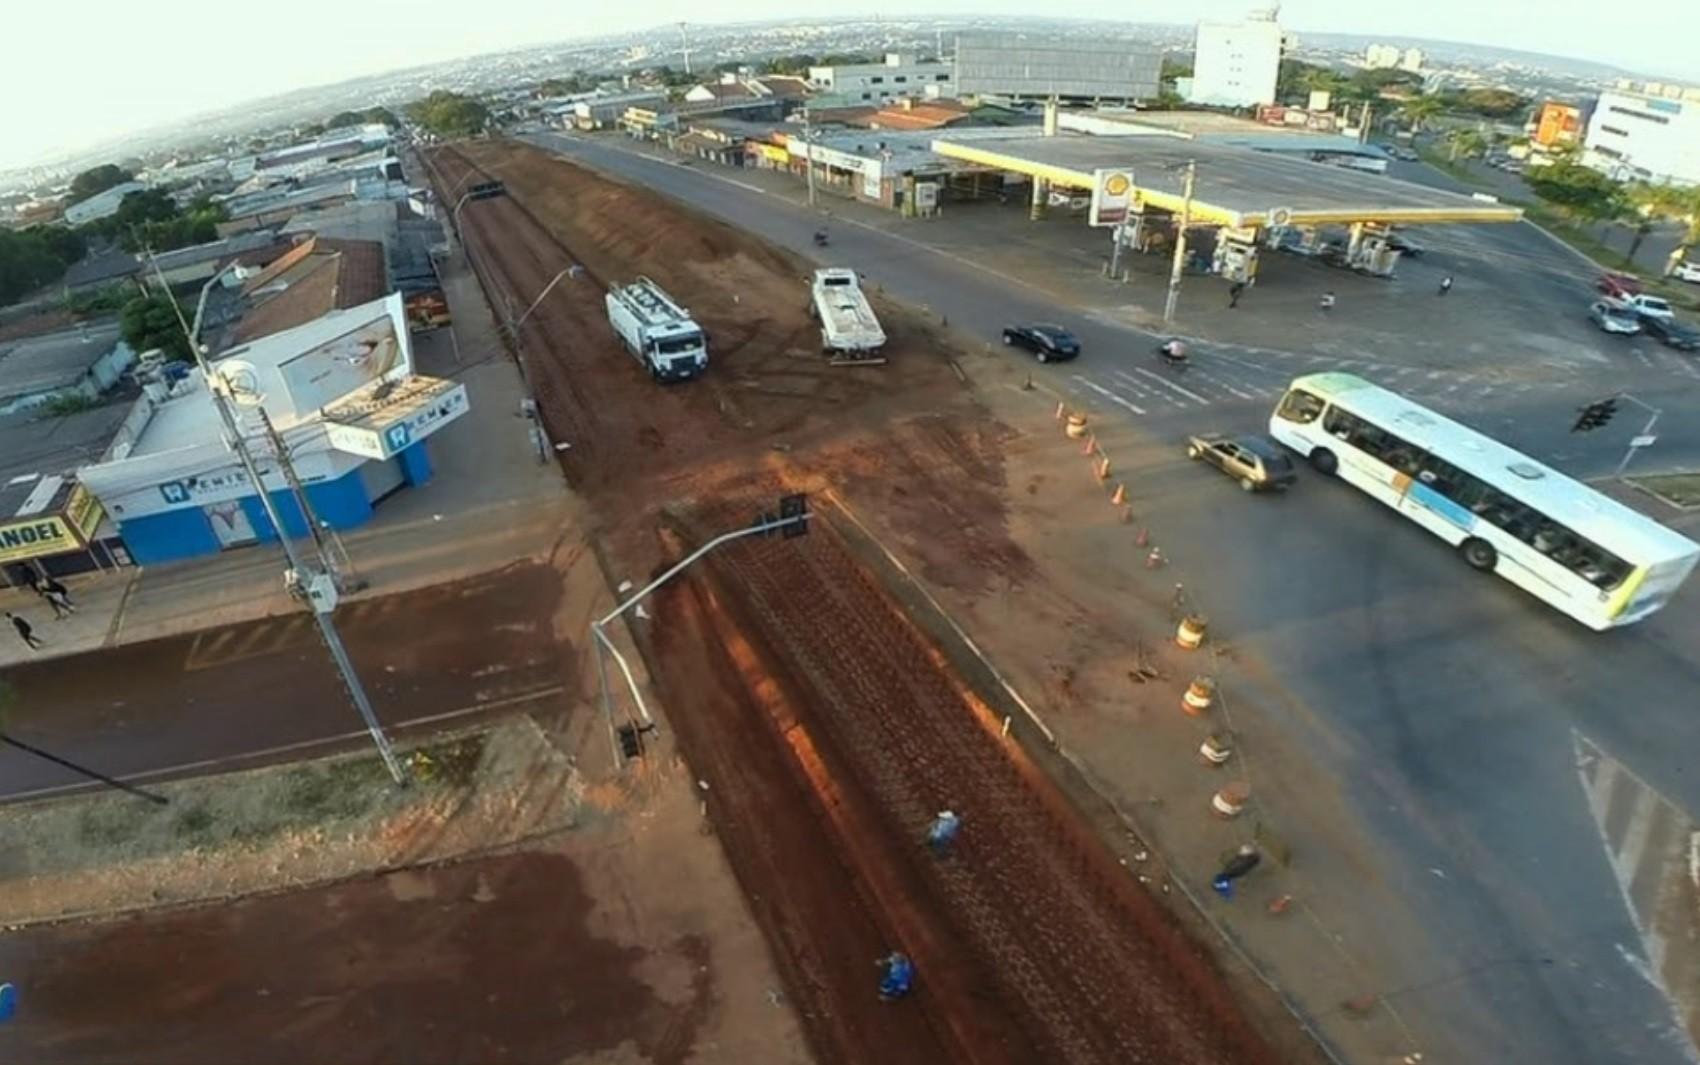 Trecho da Avenida São Paulo será interditado nos dois sentidos para obra de viaduto, diz Prefeitura de Aparecida de Goiânia